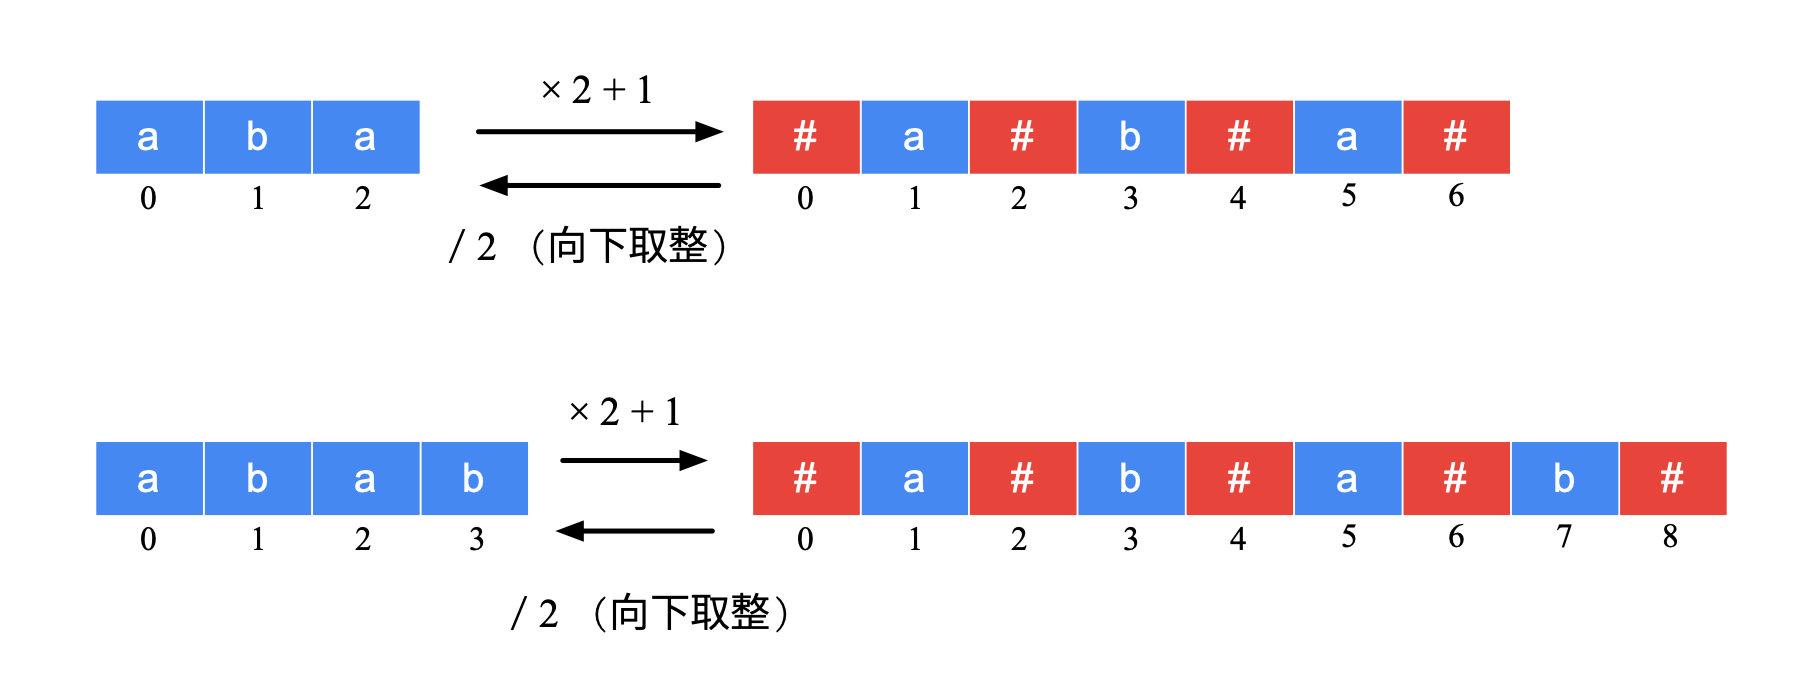 图 3:原始字符串与新字符串的对应关系